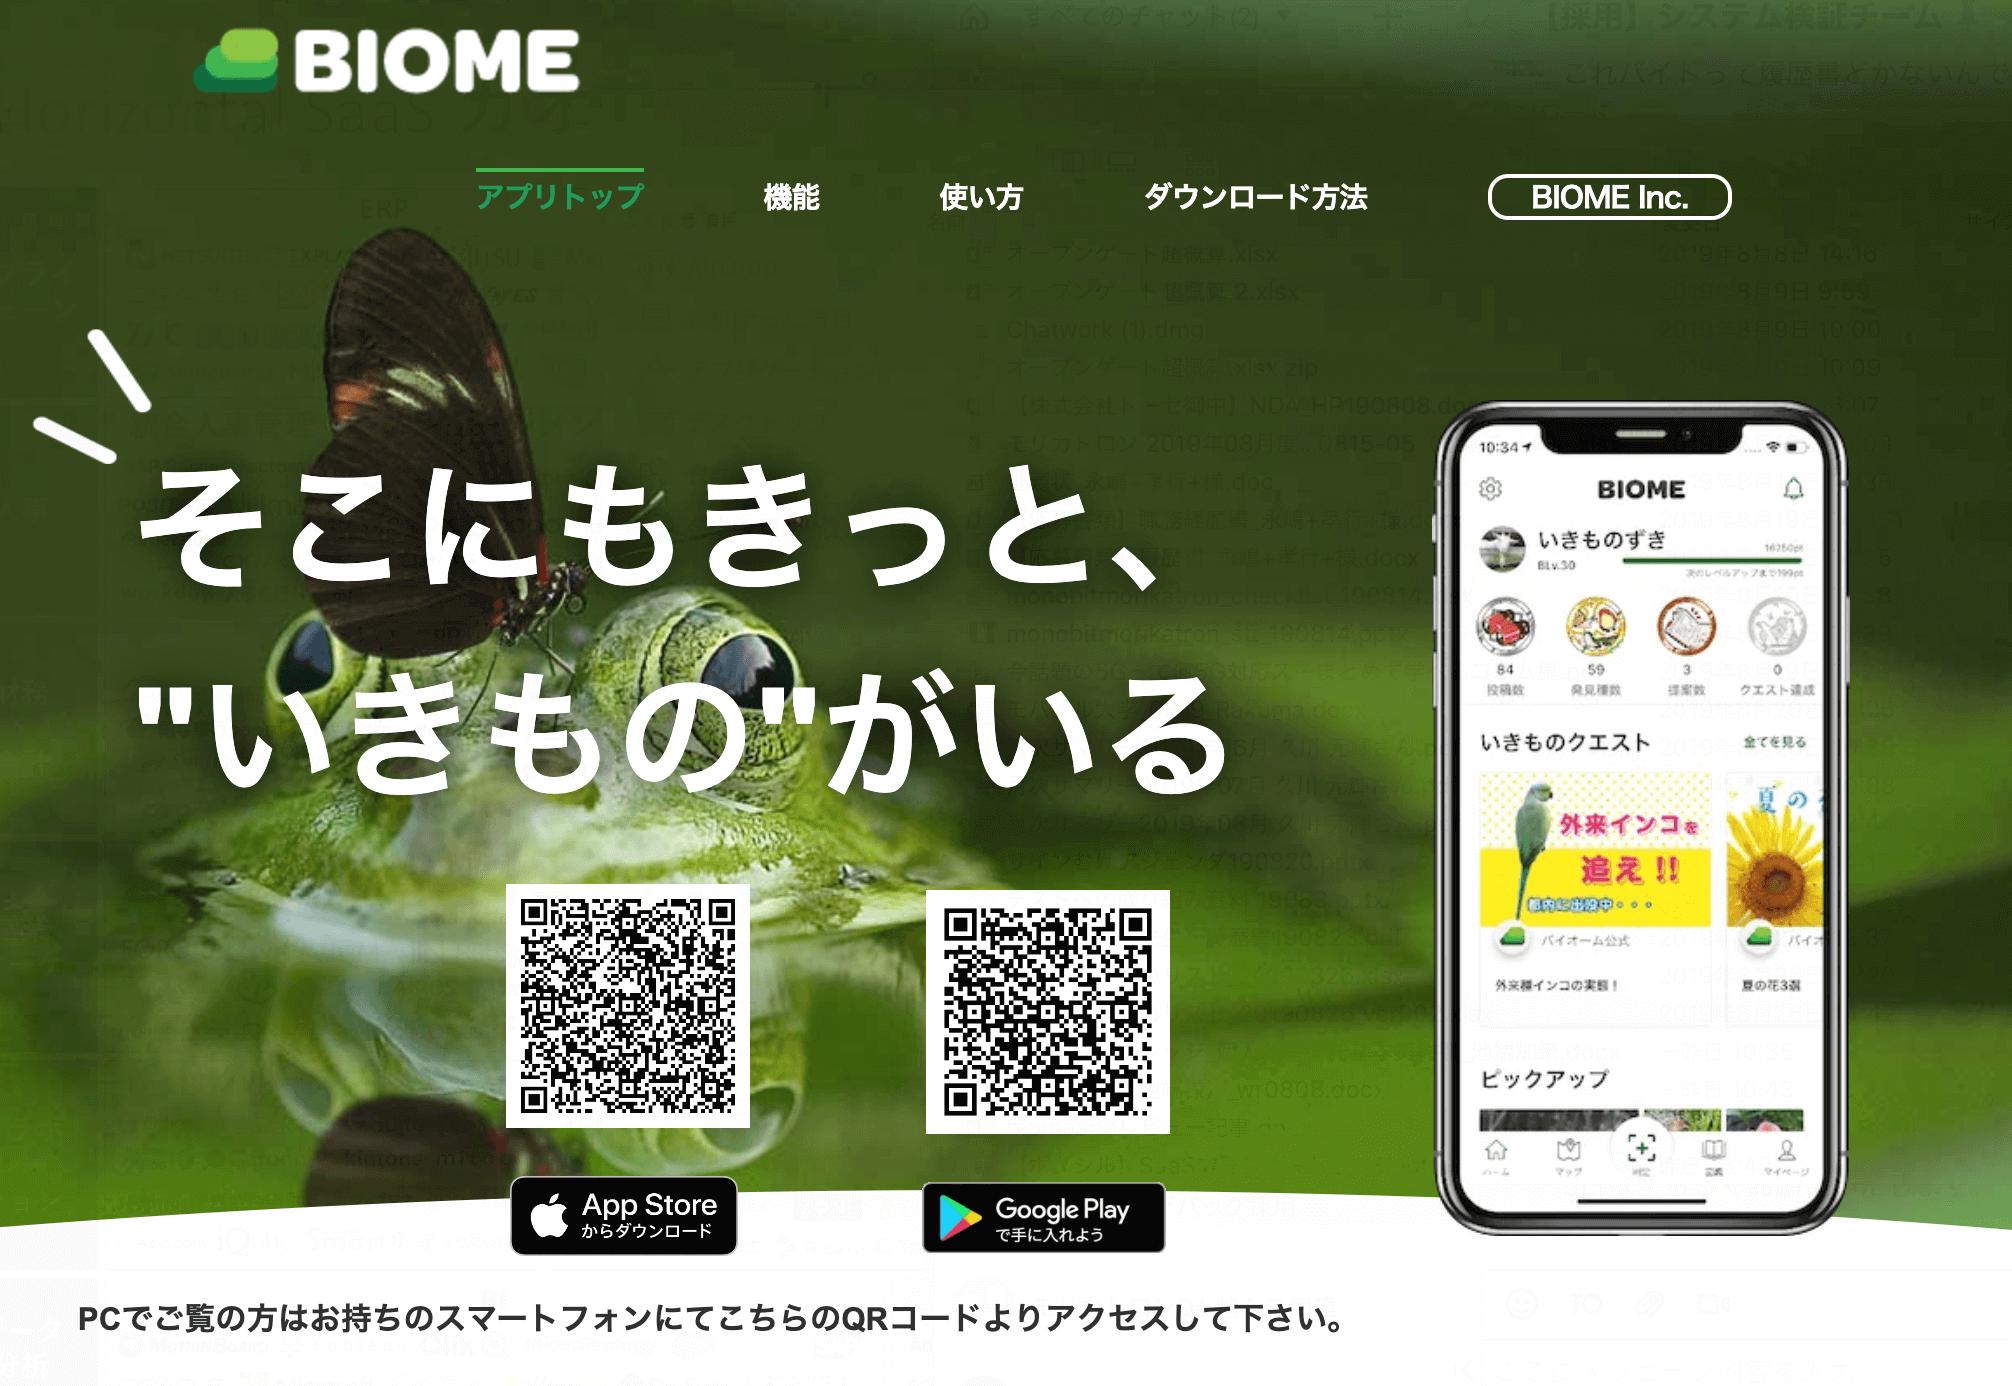 「株式会社バイオーム」アプリ紹介ページ